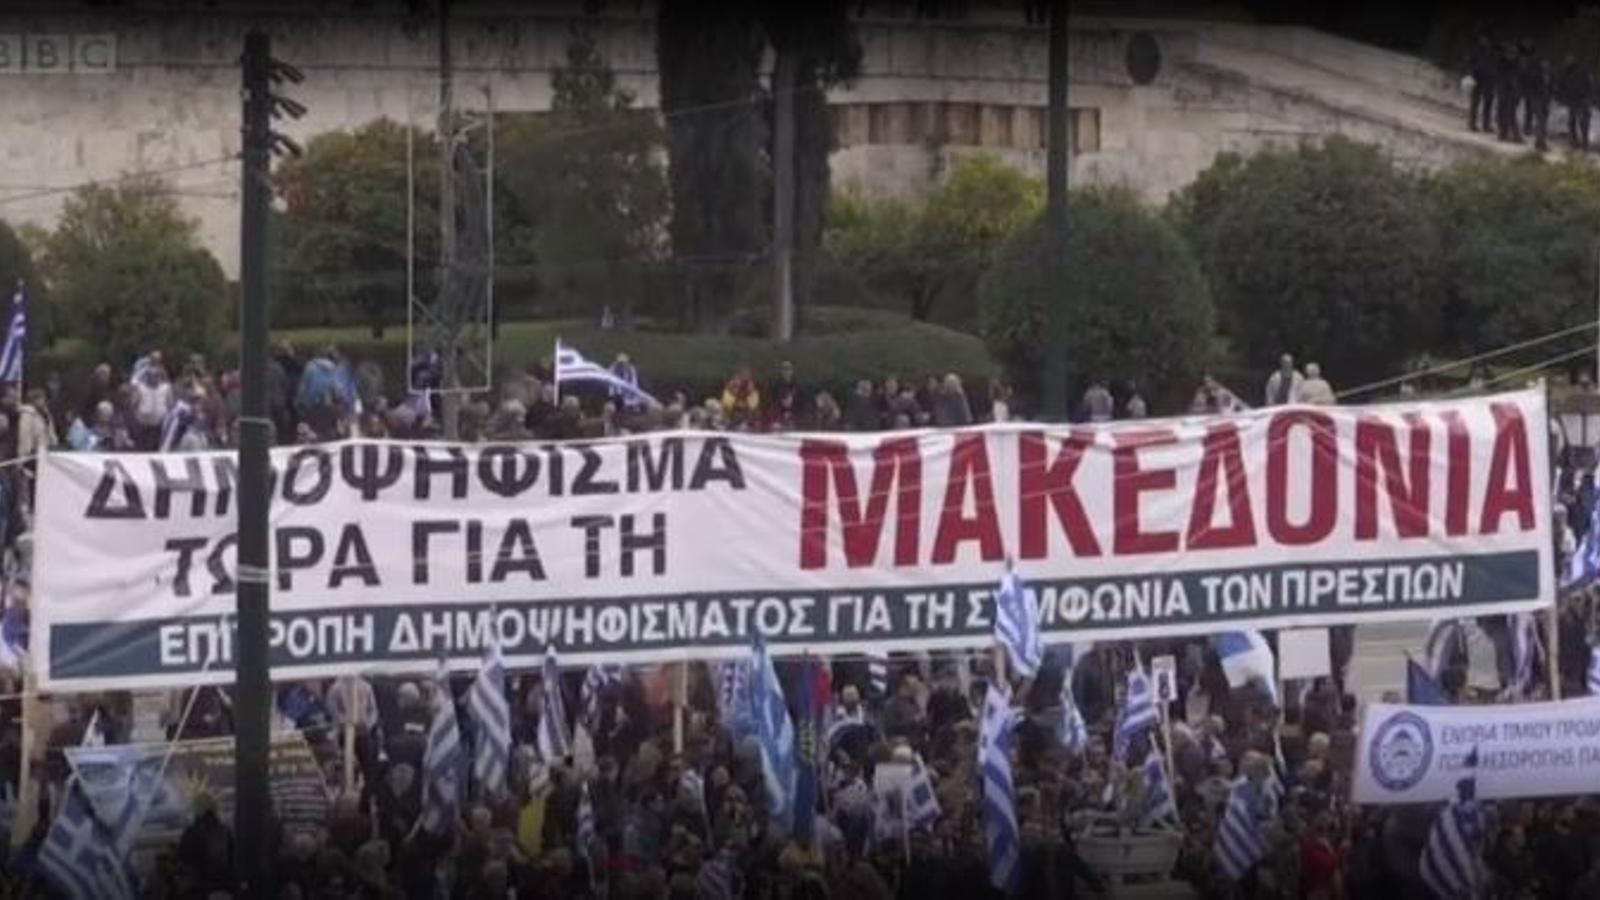 Batalla campal a Atenes a la manifestació pel nom de Macedònia